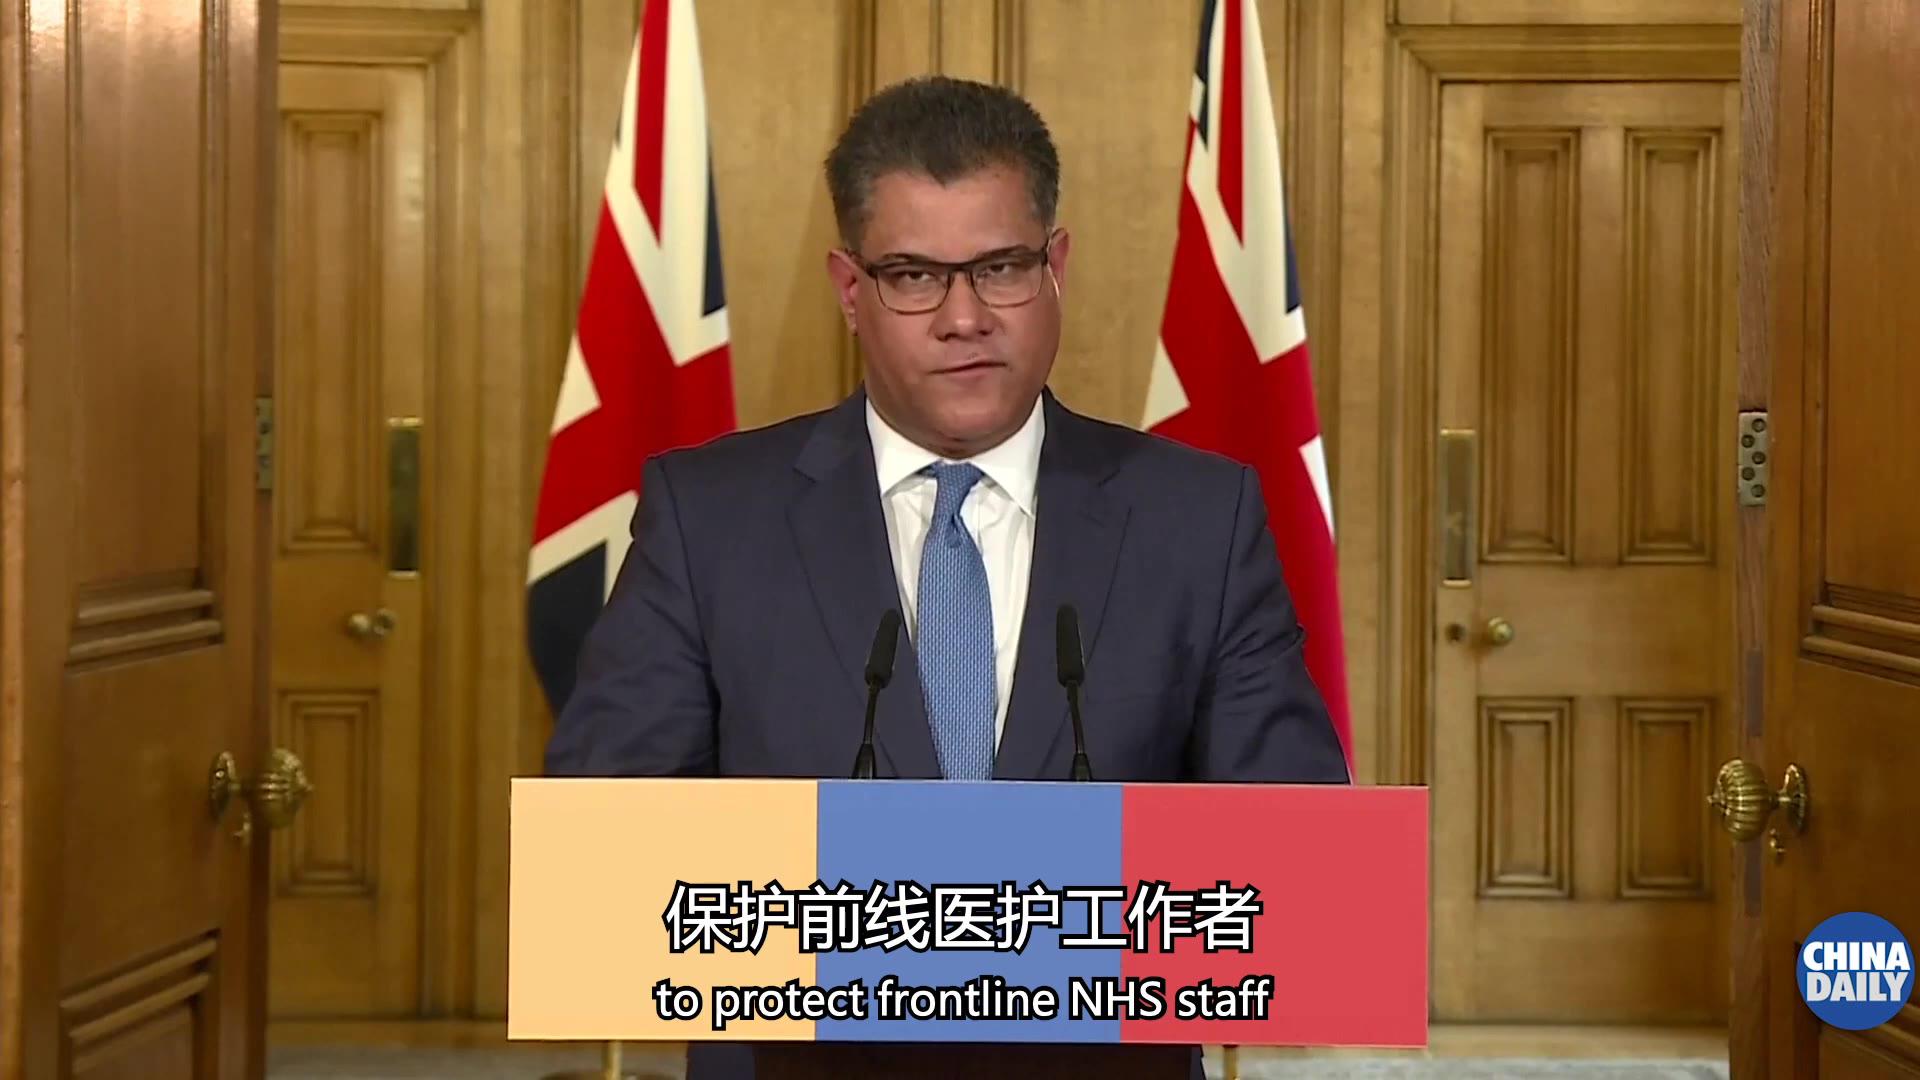 英国NHS表示伦敦重症监护病床尚未满员